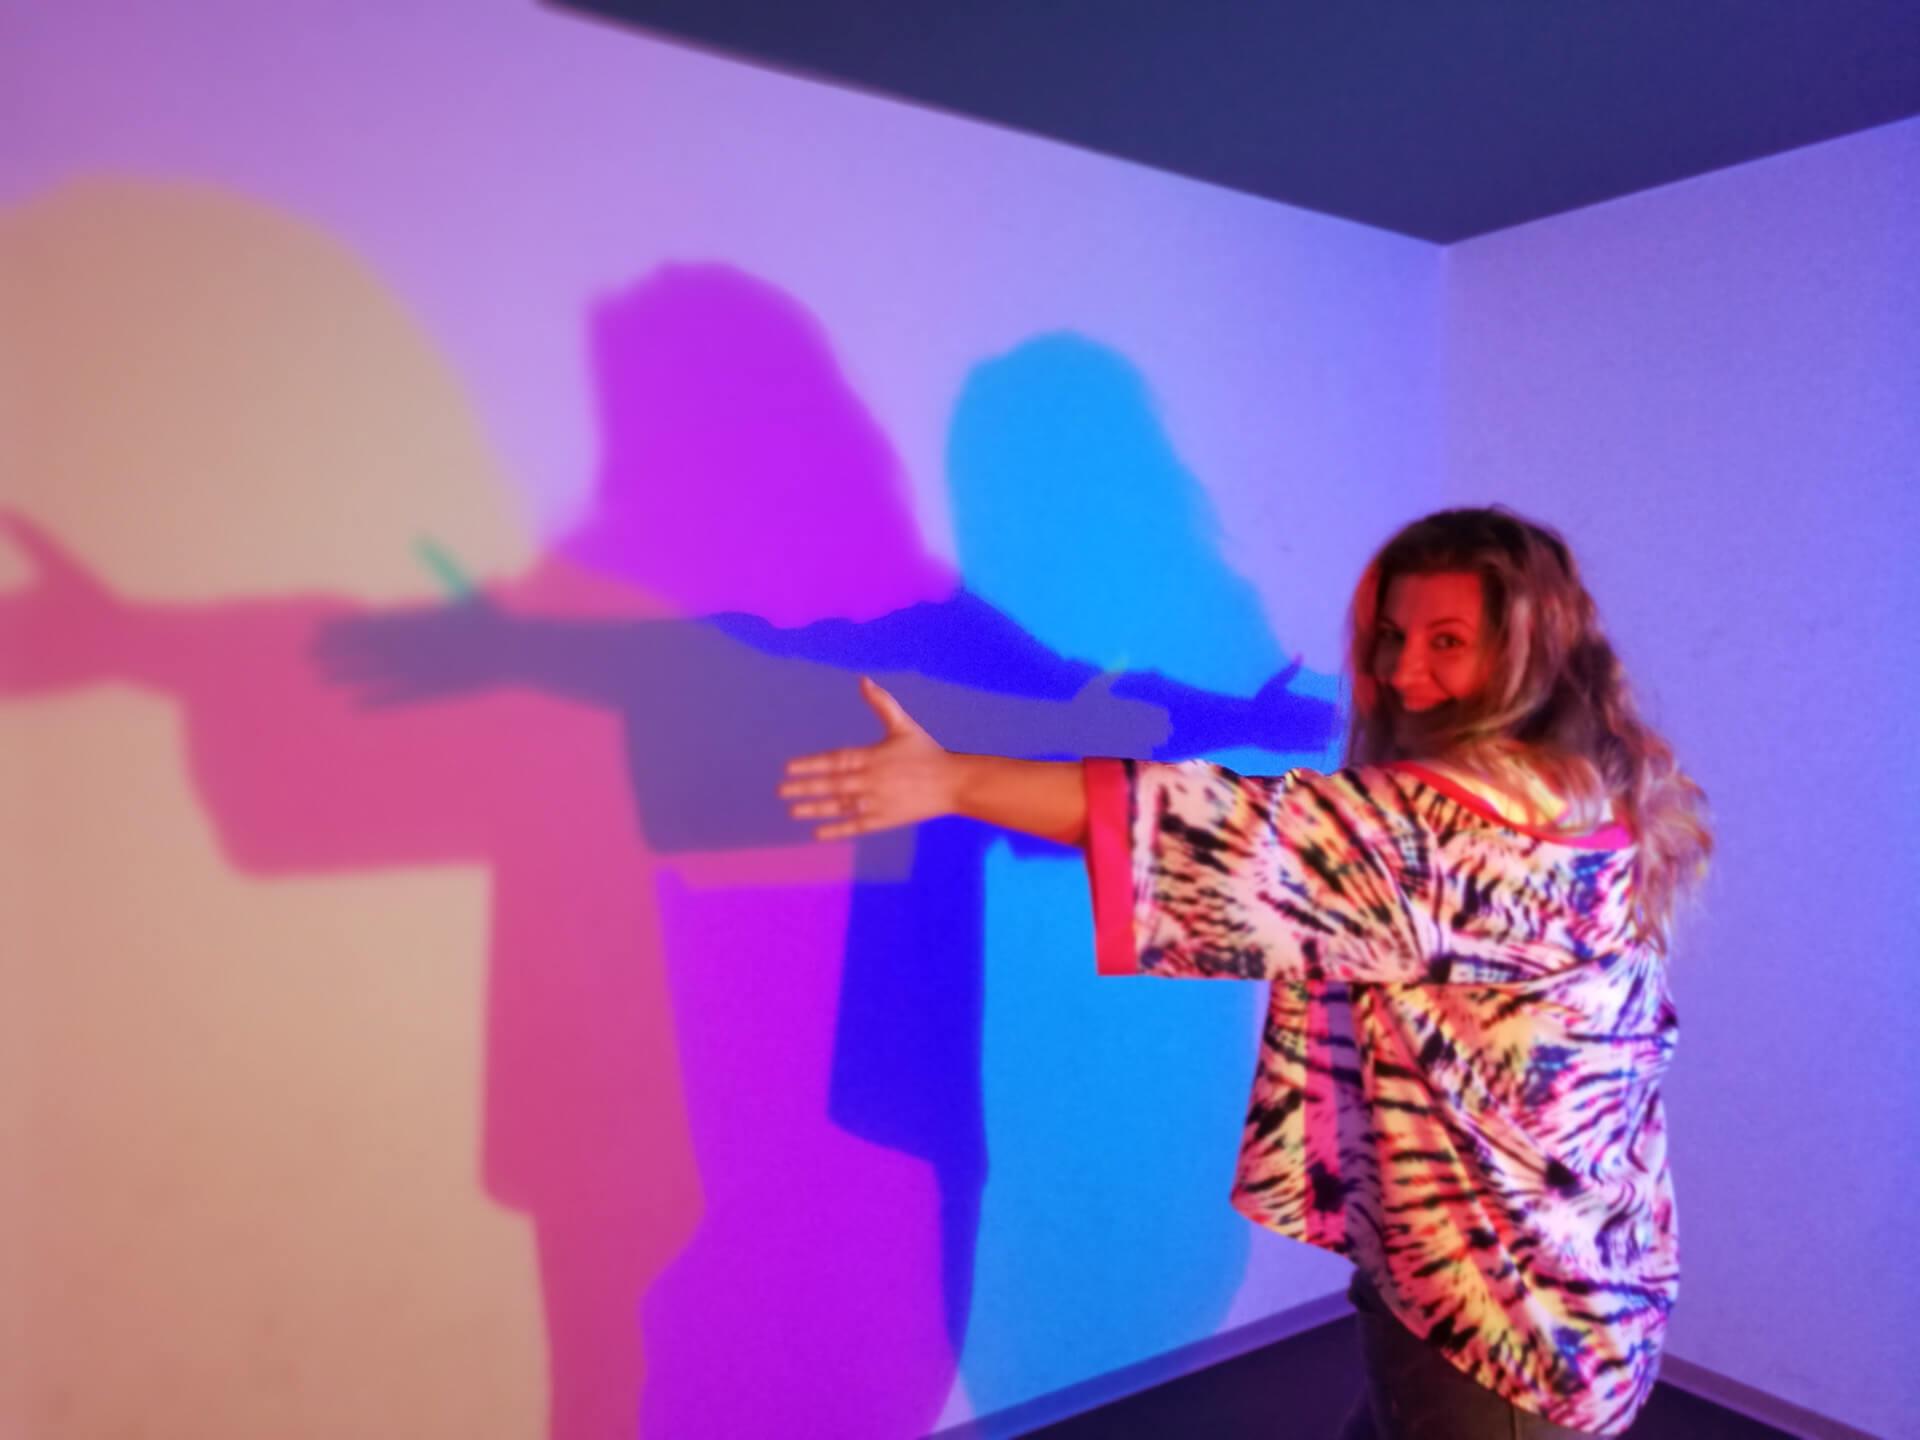 Museum of Illusions 3